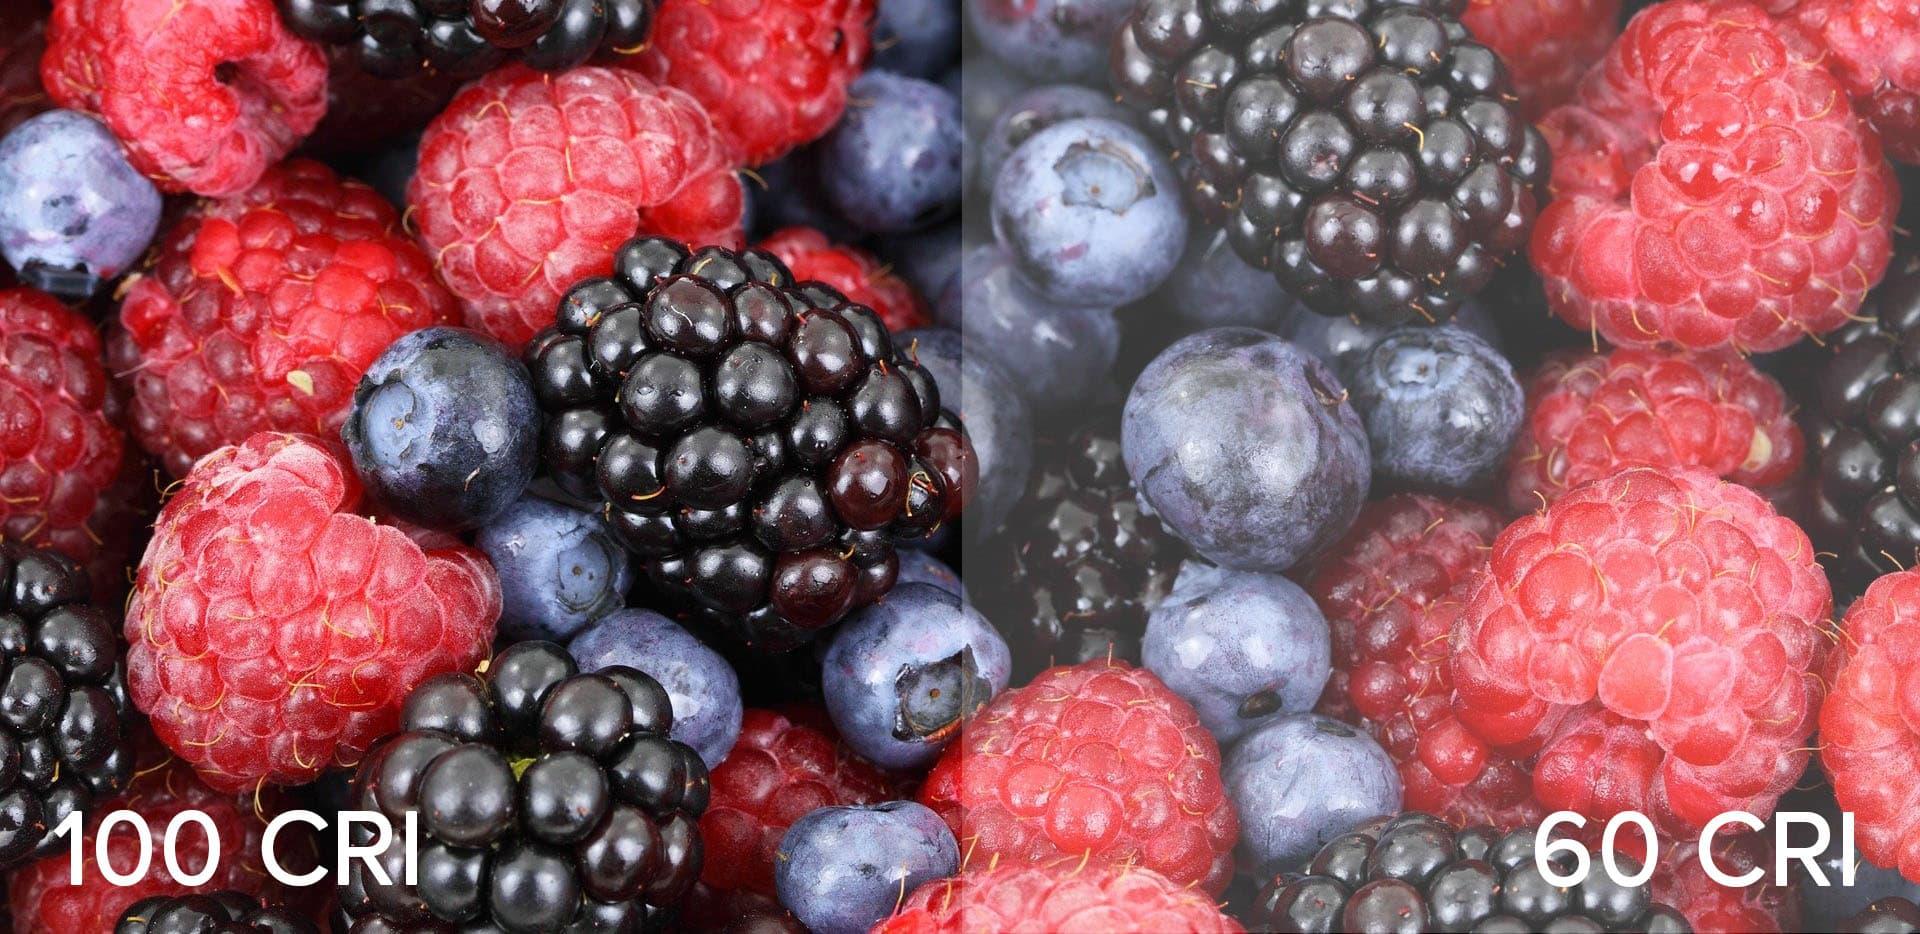 Cri Berries